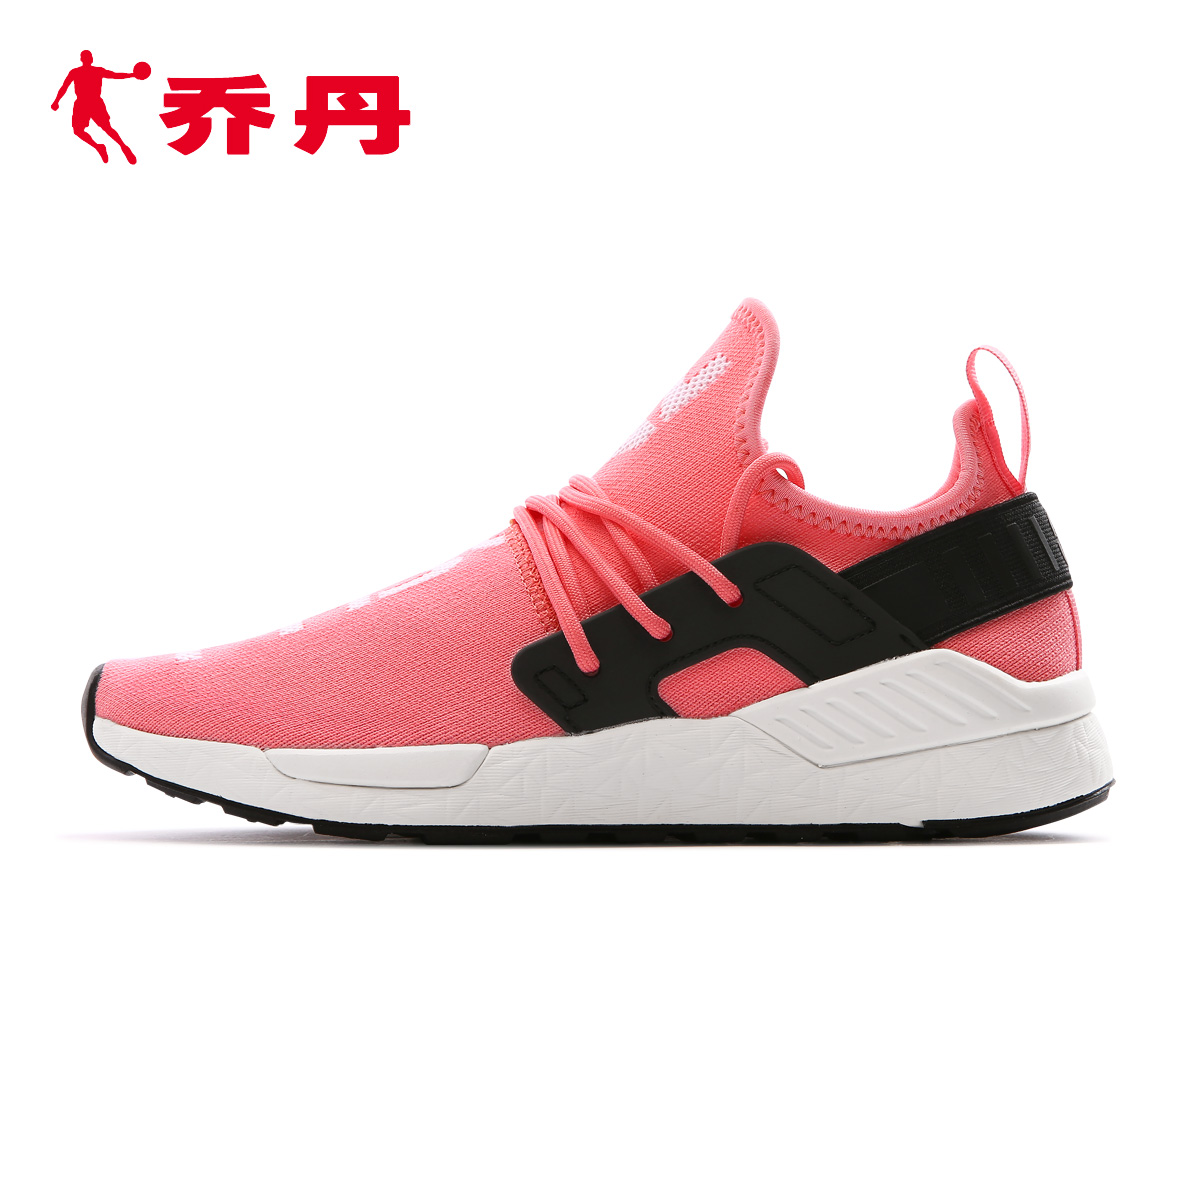 乔丹百尚2018春夏新款运动鞋女针织网面透气休闲跑步鞋